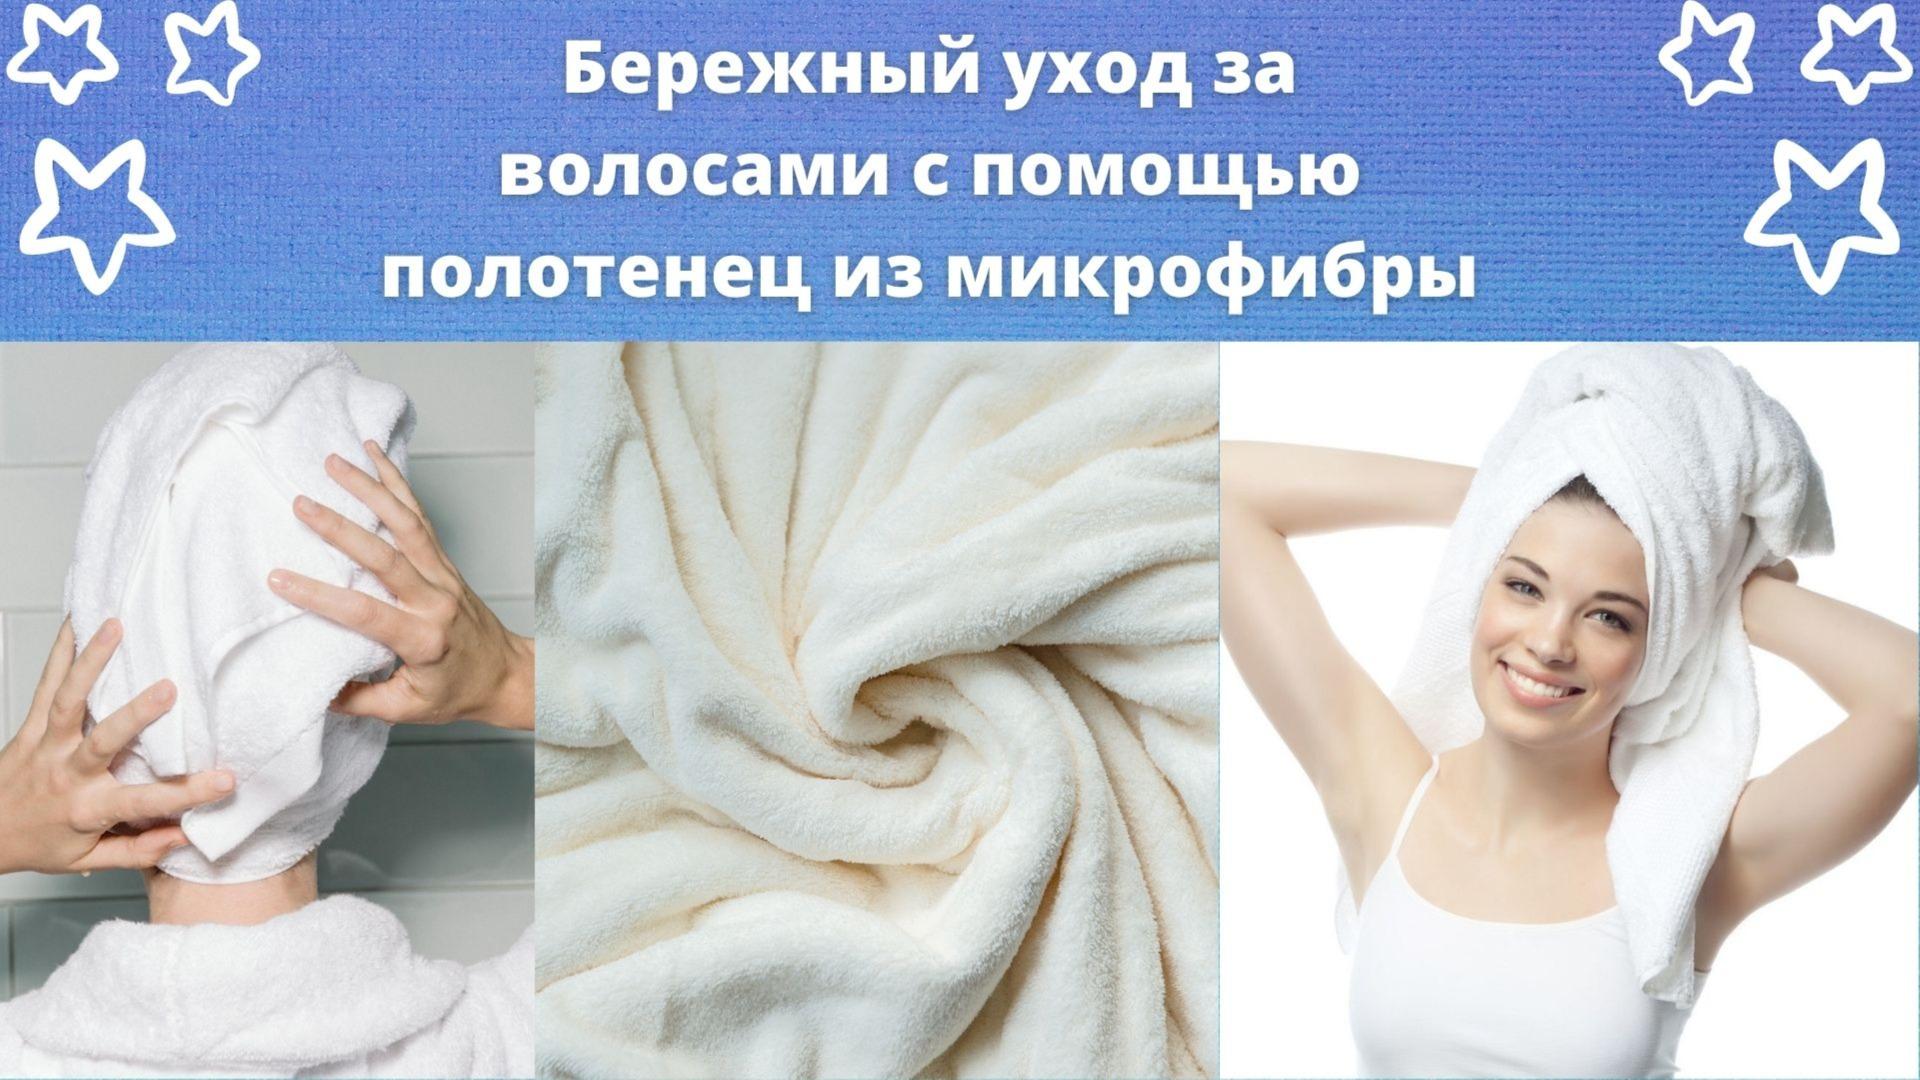 Бережный уход за волосами с помощью полотенец из микрофибры